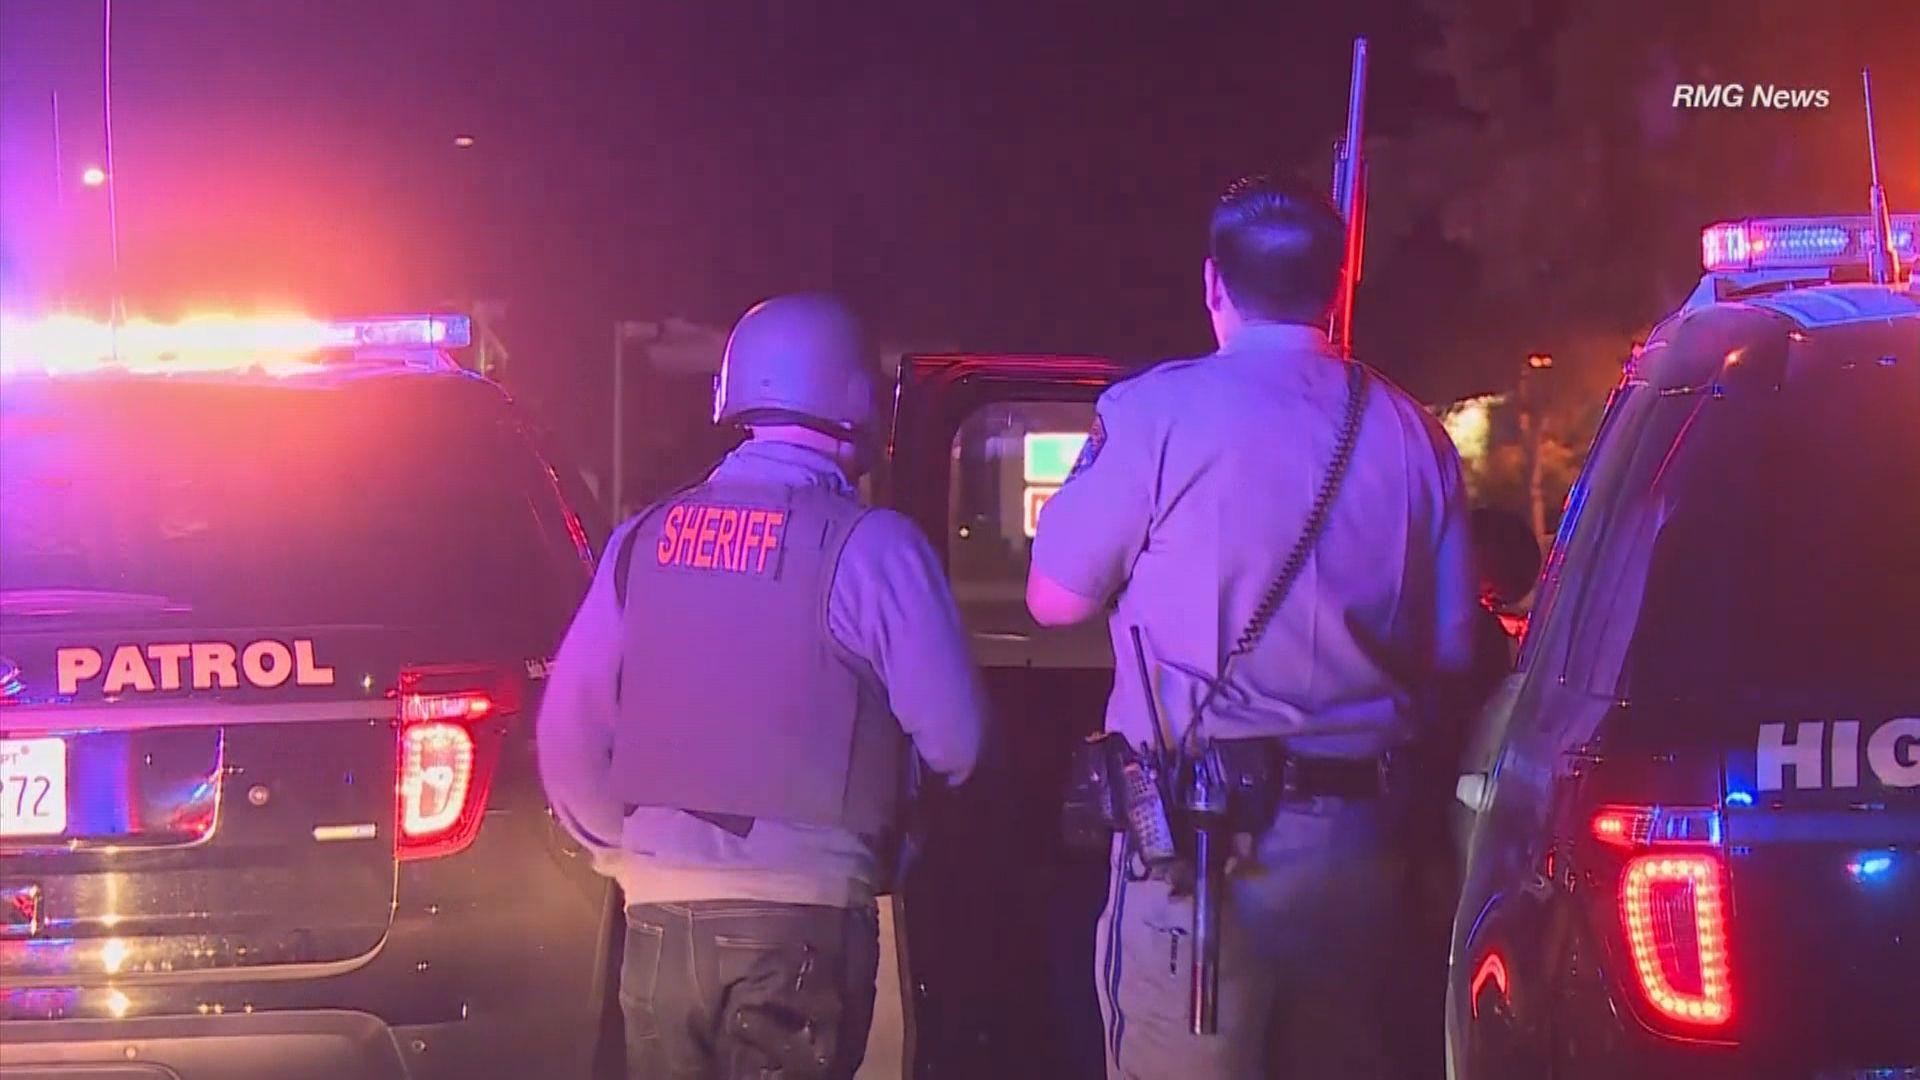 美國南加州槍擊案 特朗普讚揚警方表現英勇